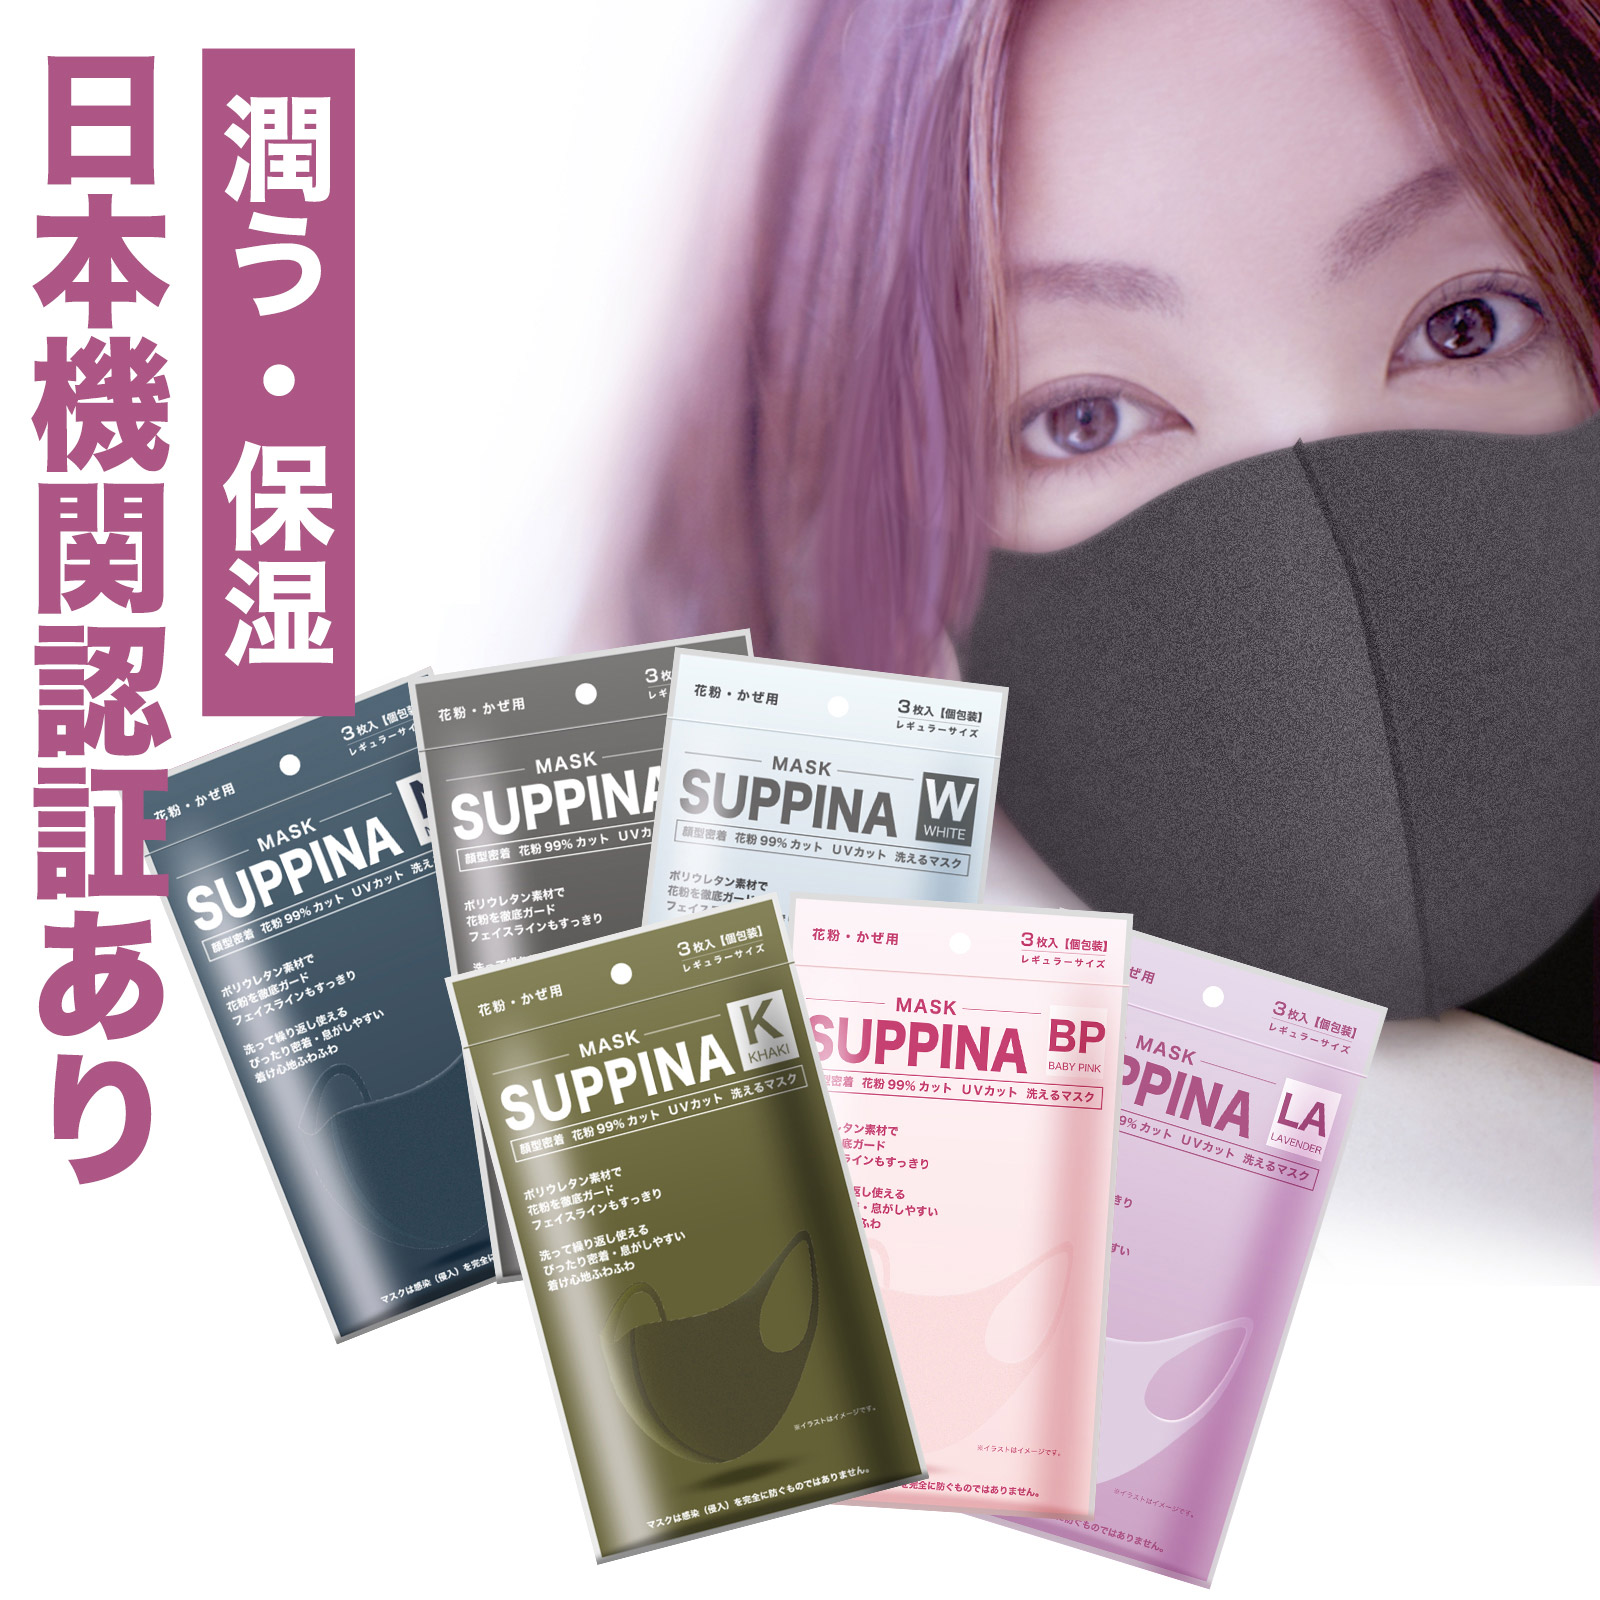 即納 SUPPINA 抗菌防臭加工 保湿マスク 高通気 3枚入 個包装 洗える 3D マスク ポリウレタン 男女兼用 MASK